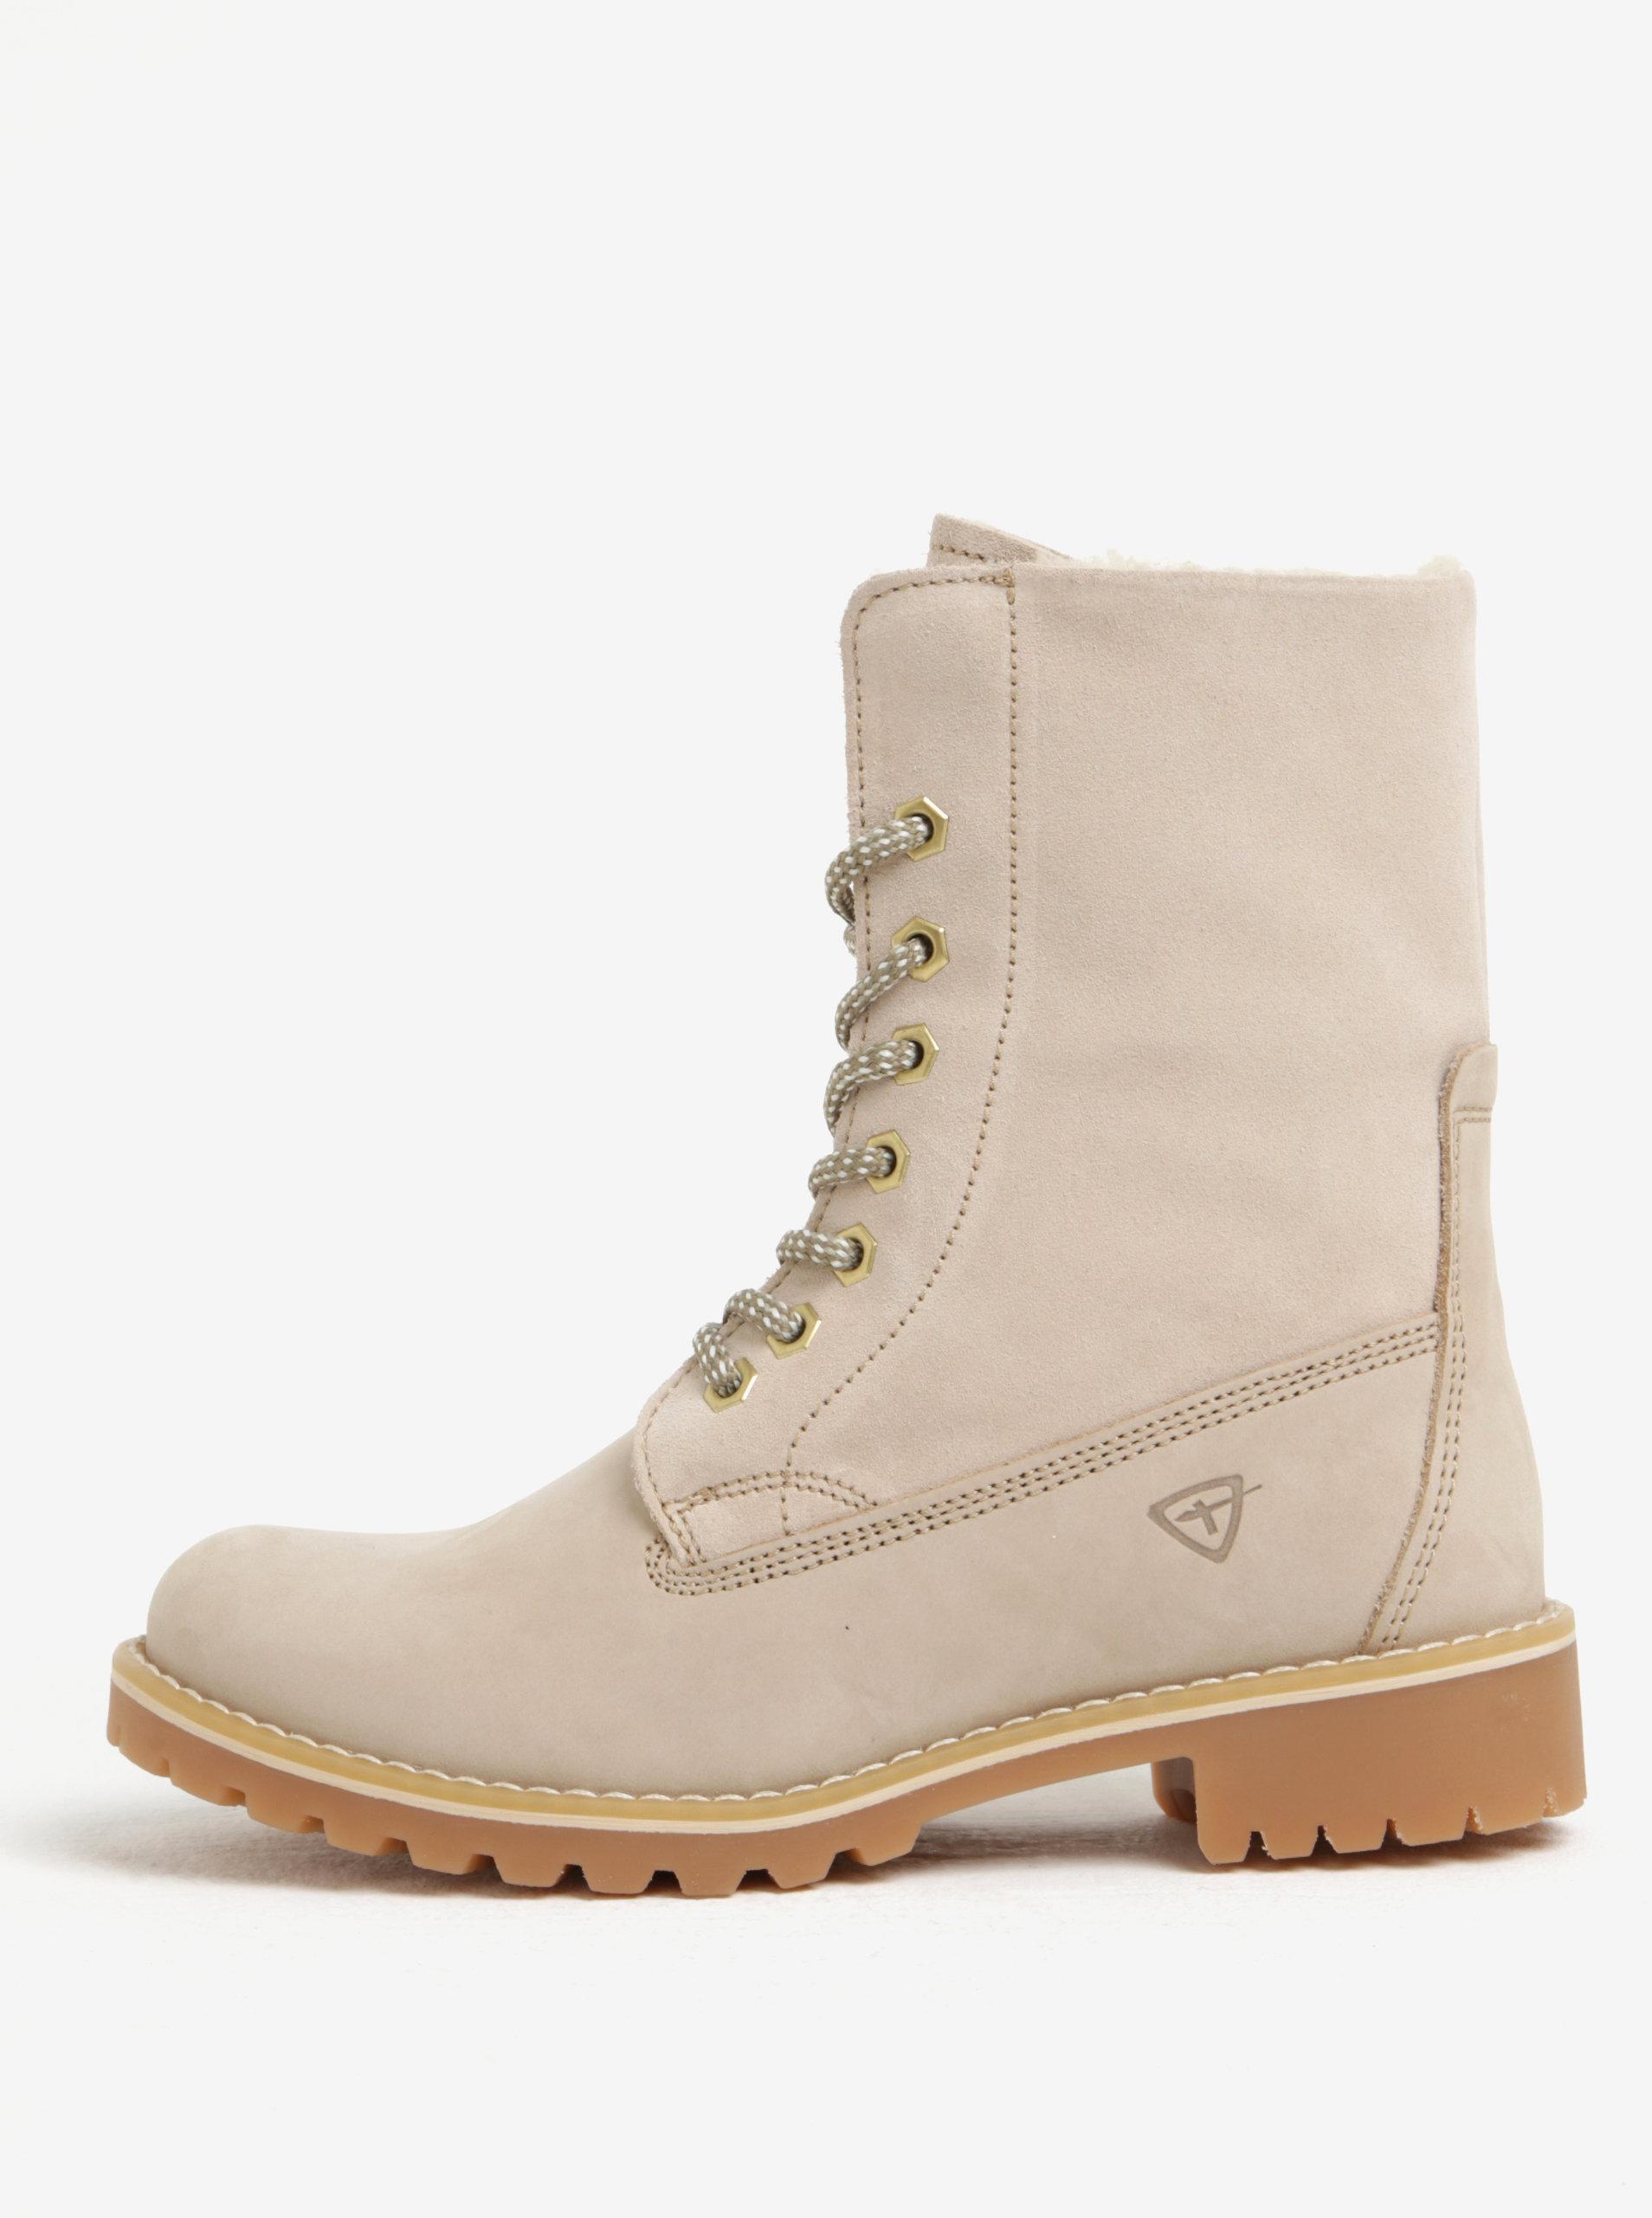 Béžové semišové vodovzdorné zimné topánky Tamaris ... 09b0a6a36b9